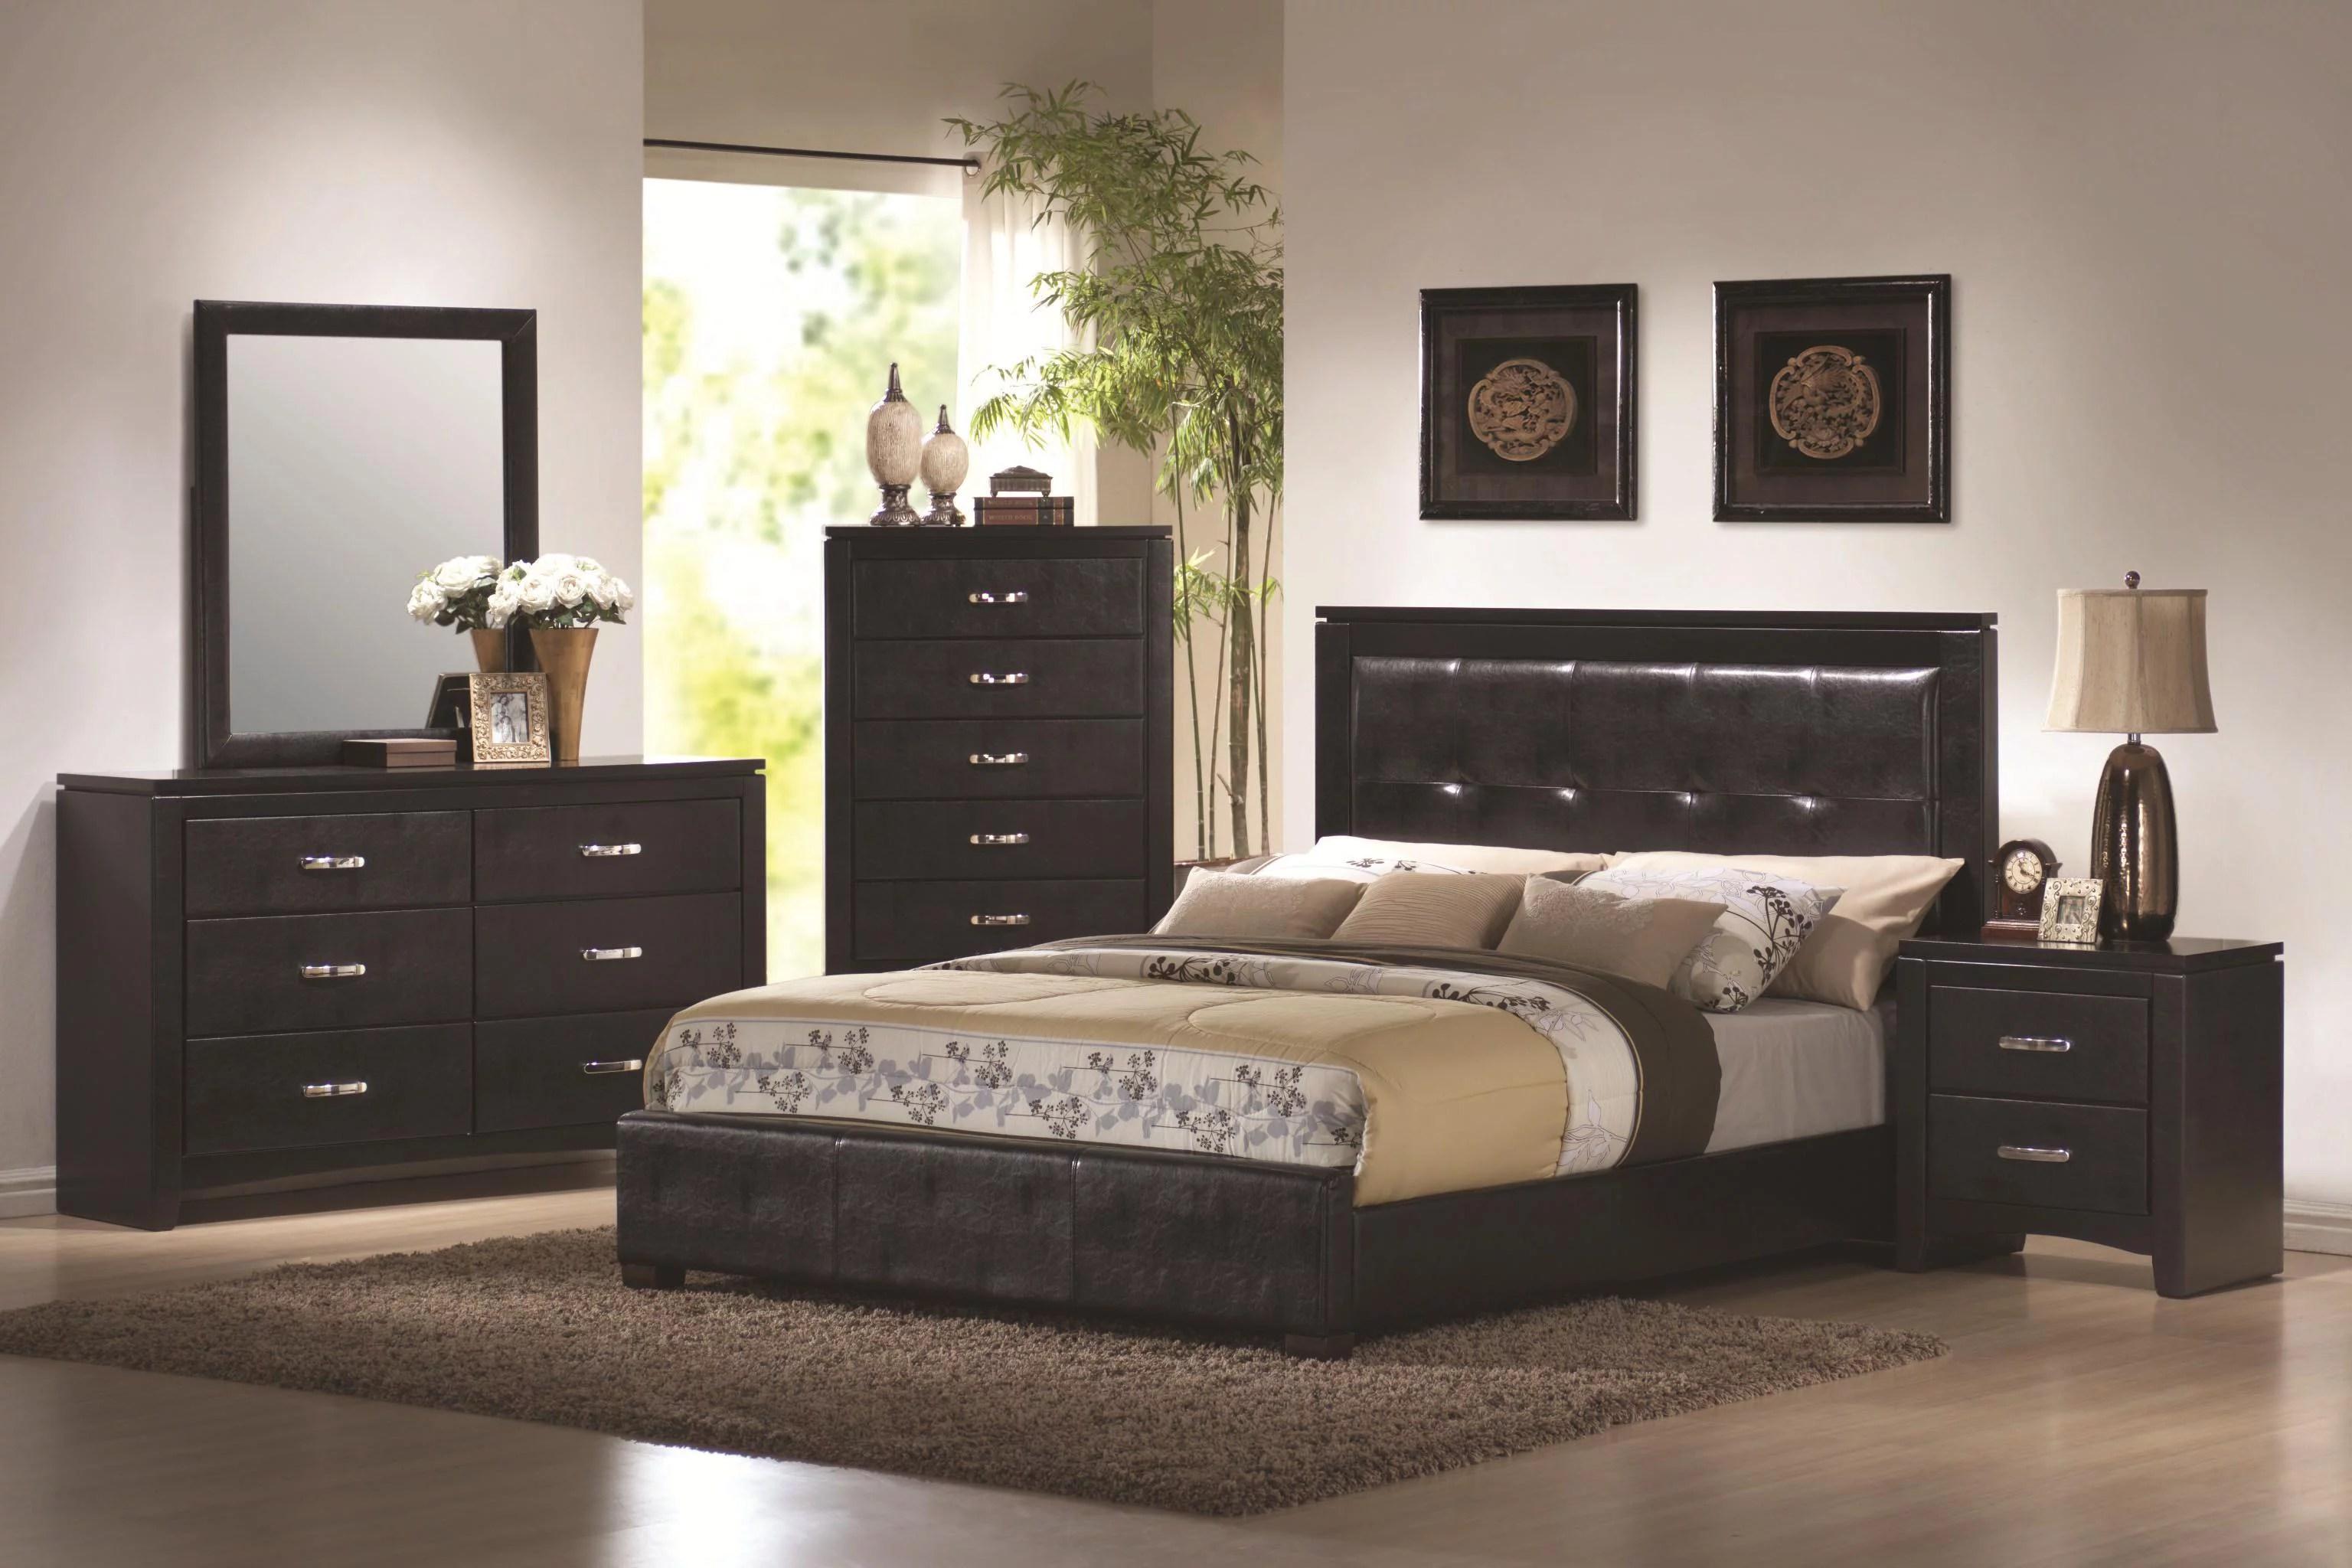 dylan 5 piece bedroom set-size:queen - walmart